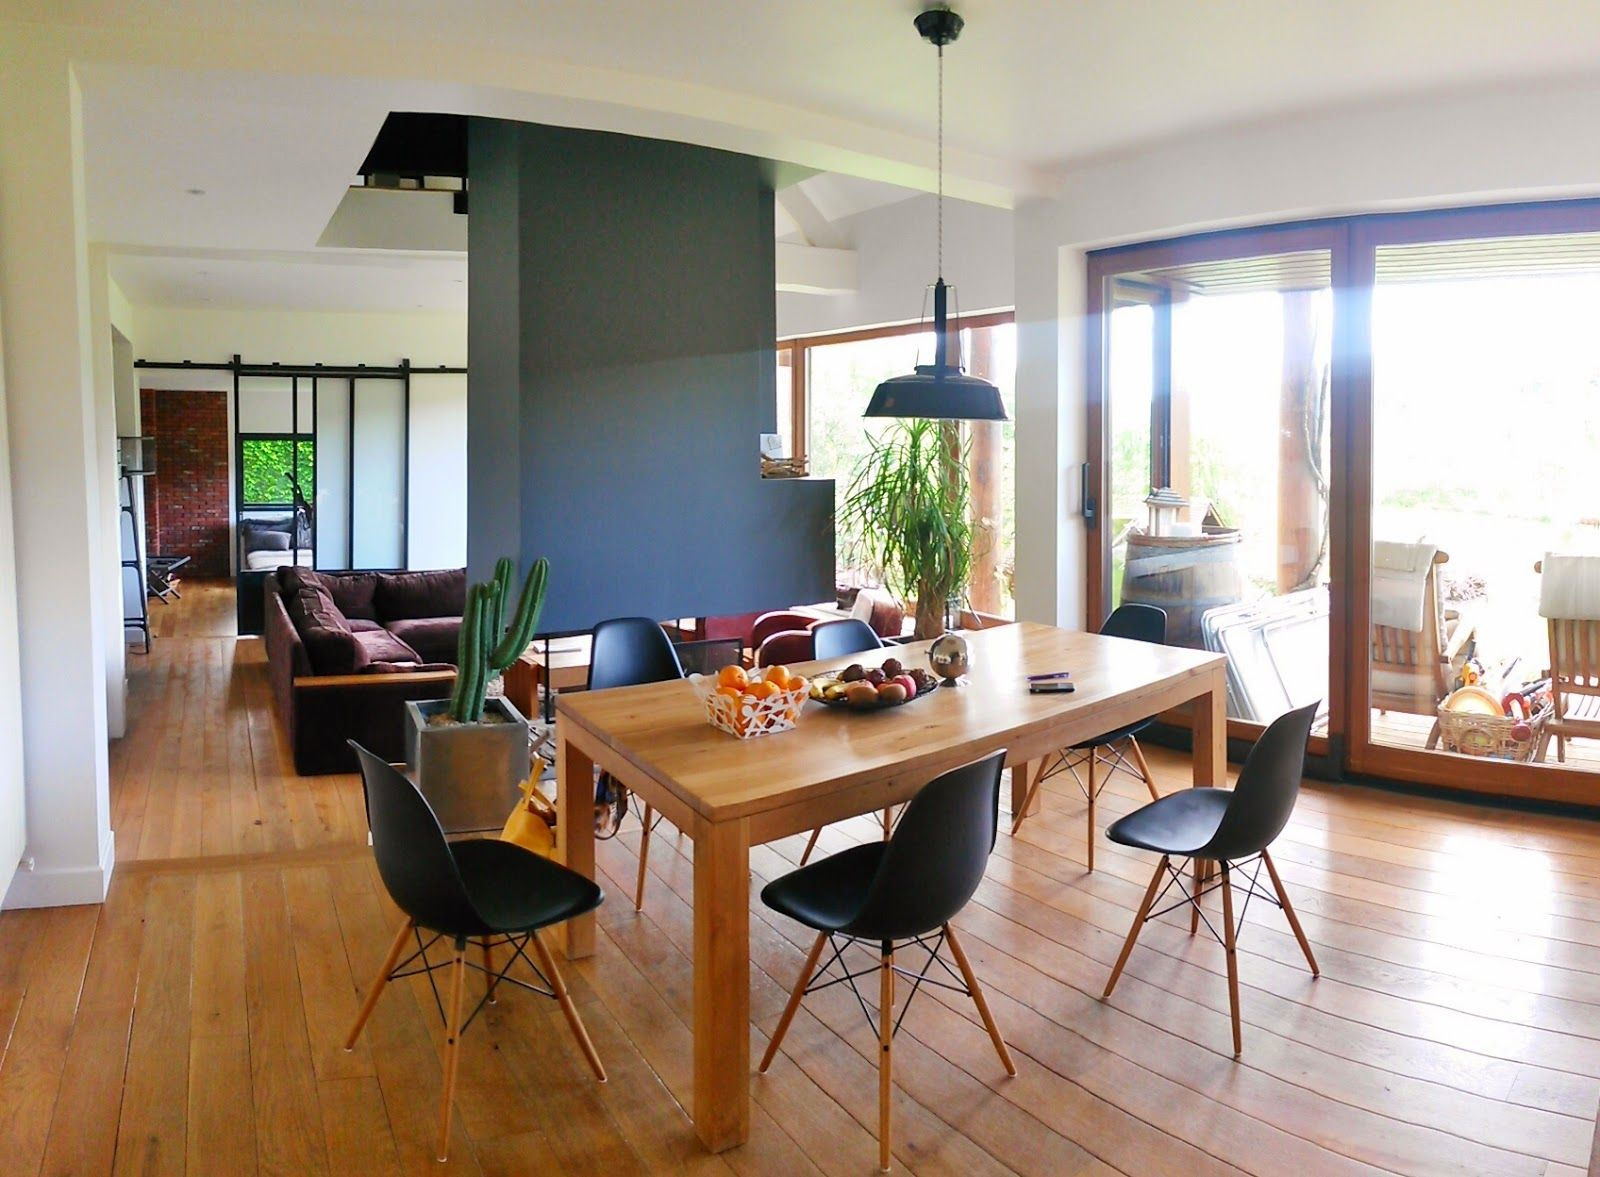 Salle manger mur gris fonc salle manger en 2019 - Couleur pour salon et salle a manger ...